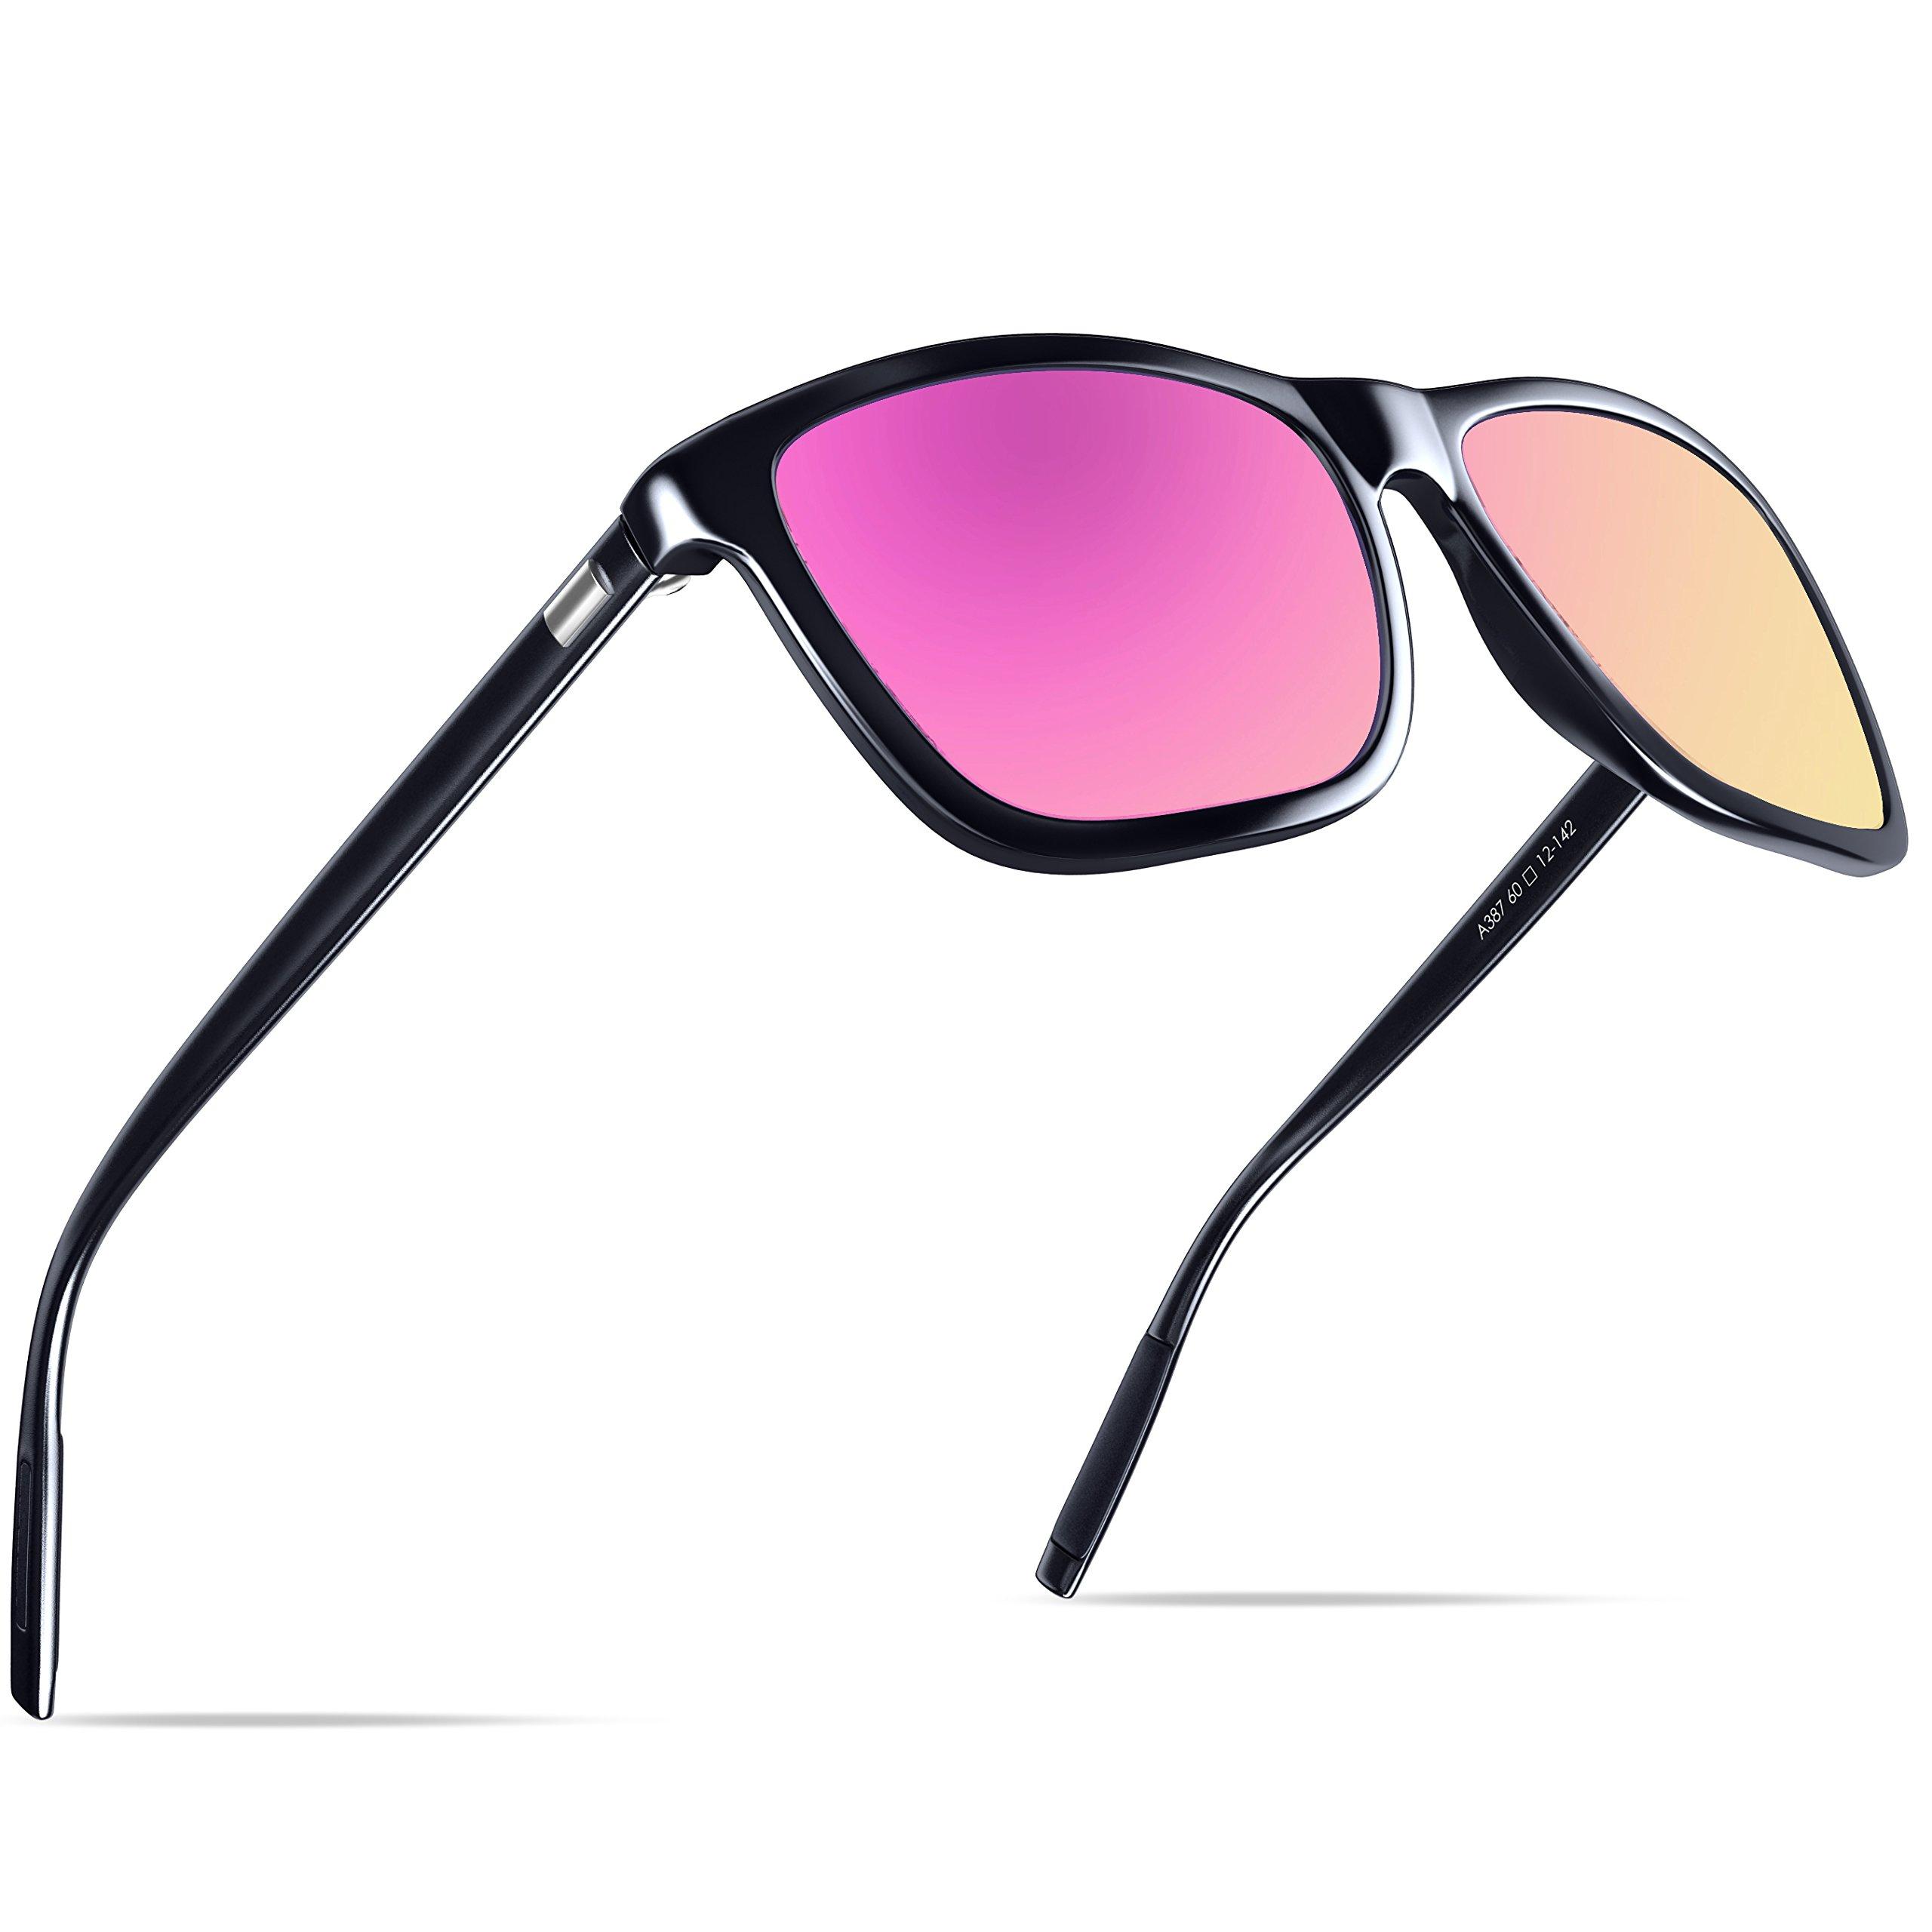 KITHDIA Gafas de Sol Polarizadas Unisex Protección UV400 para hombres y mujeres Conducir Pescar Ir en